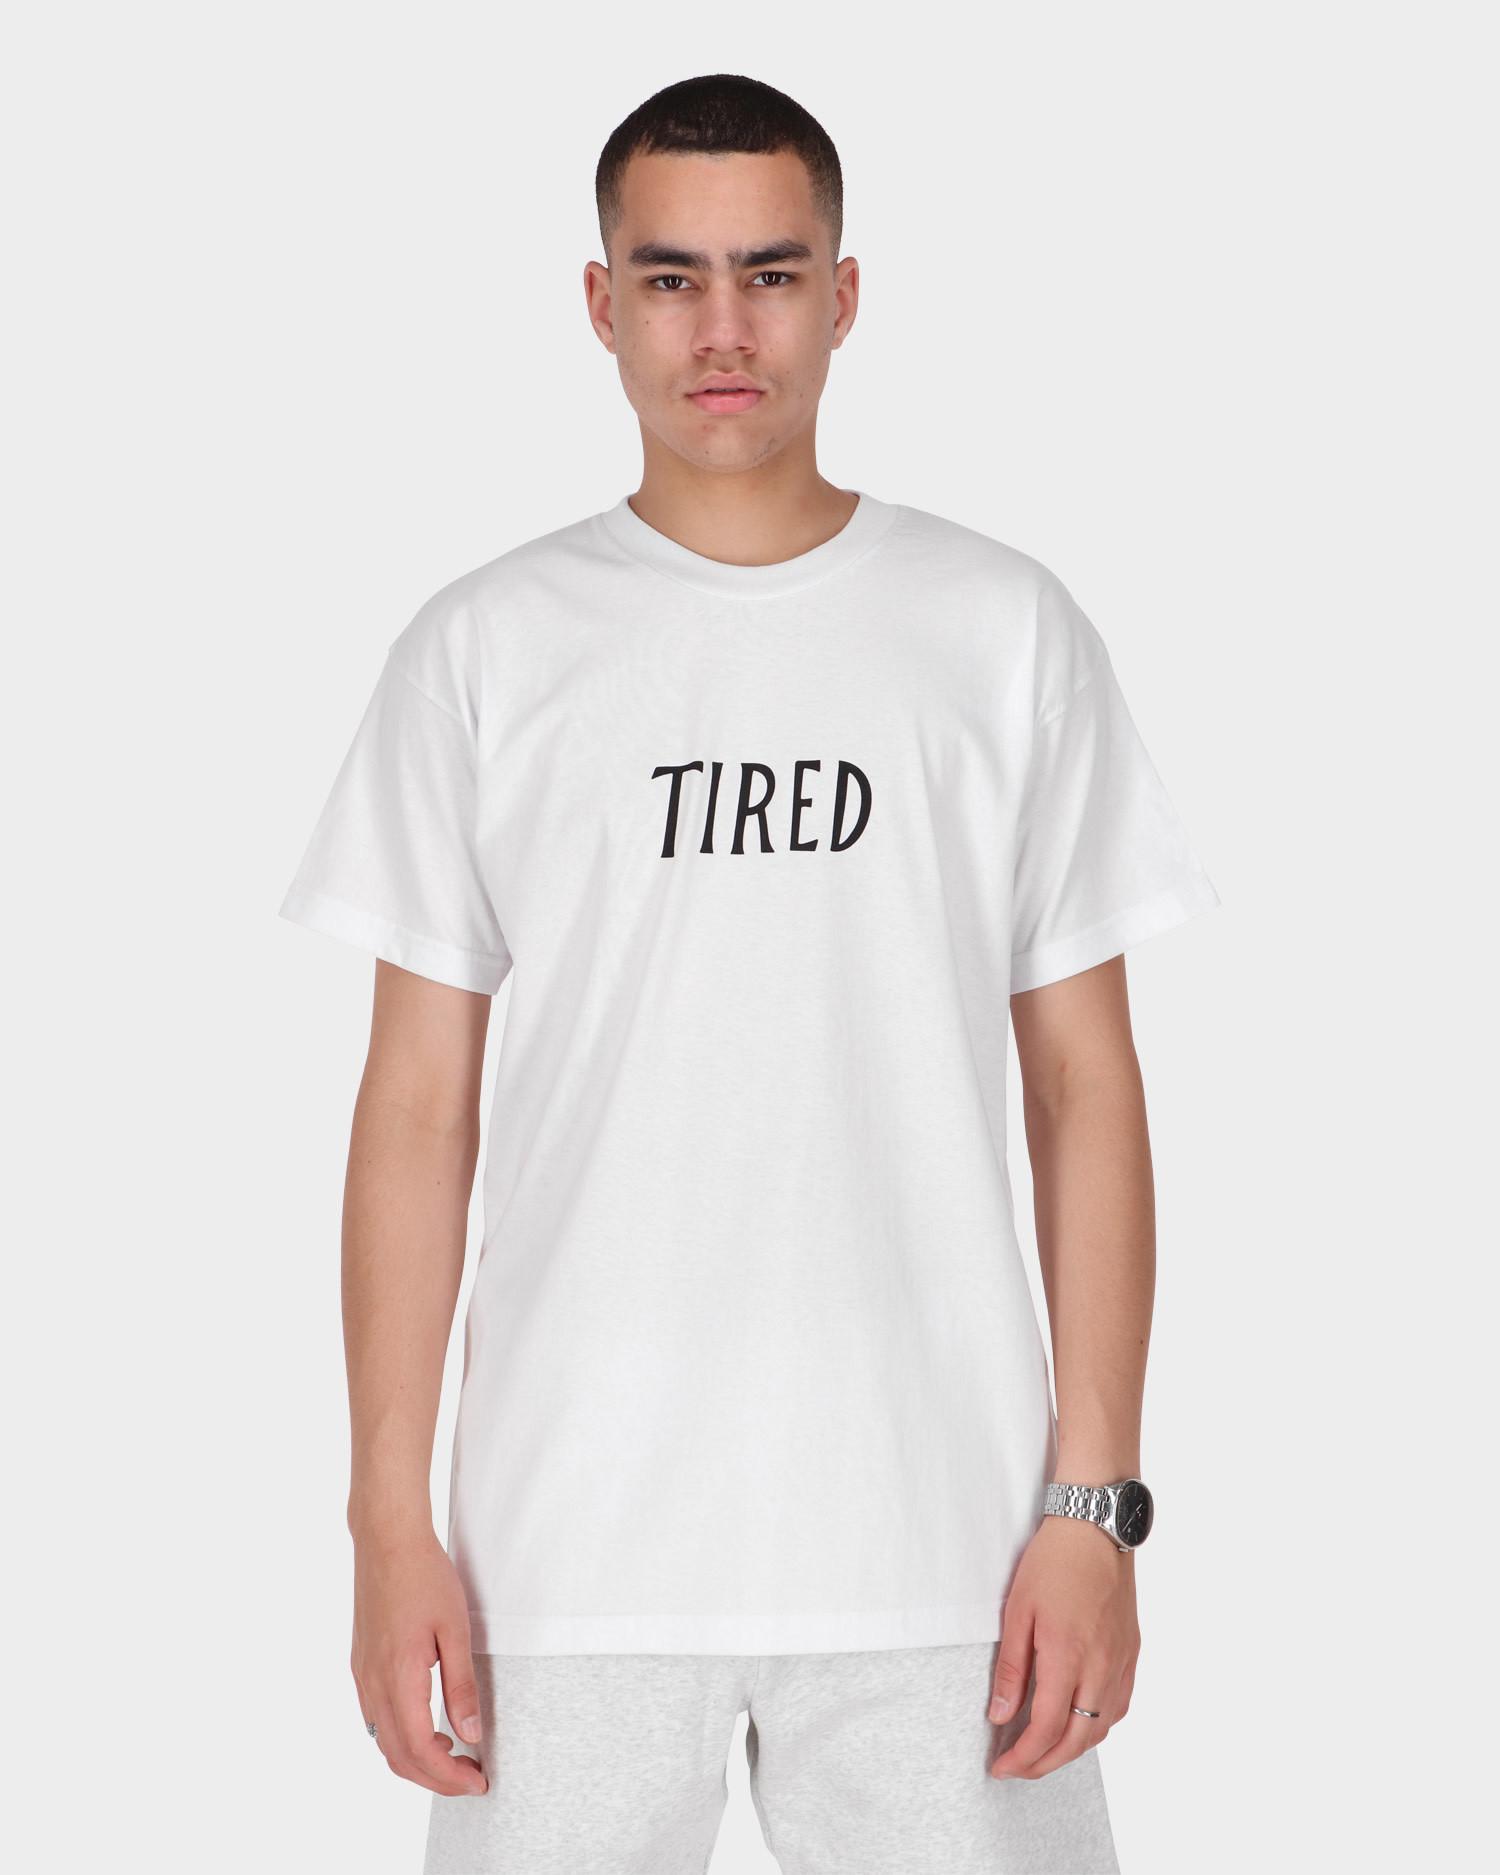 Tired Family Business Shortsleeve T-Shirt White